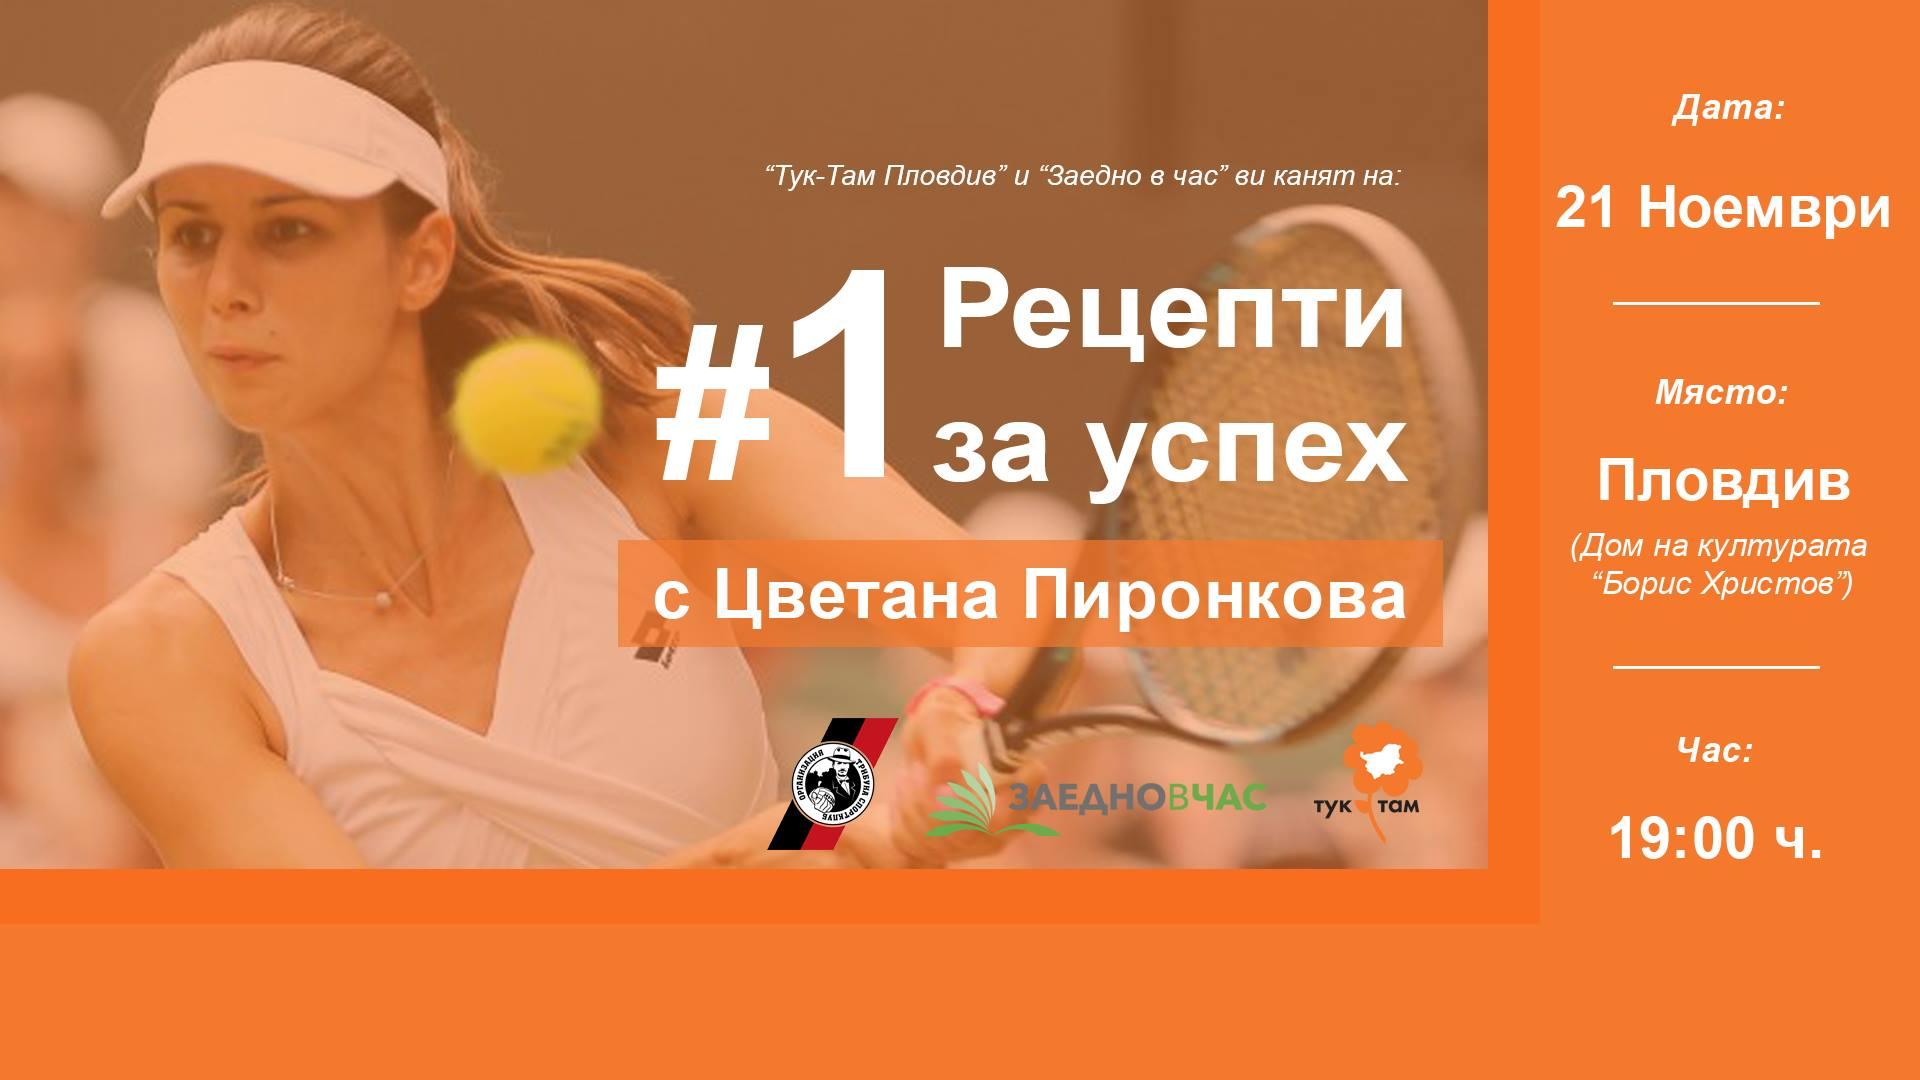 Рецепти за успех #1 с Цветaна Пиронкова